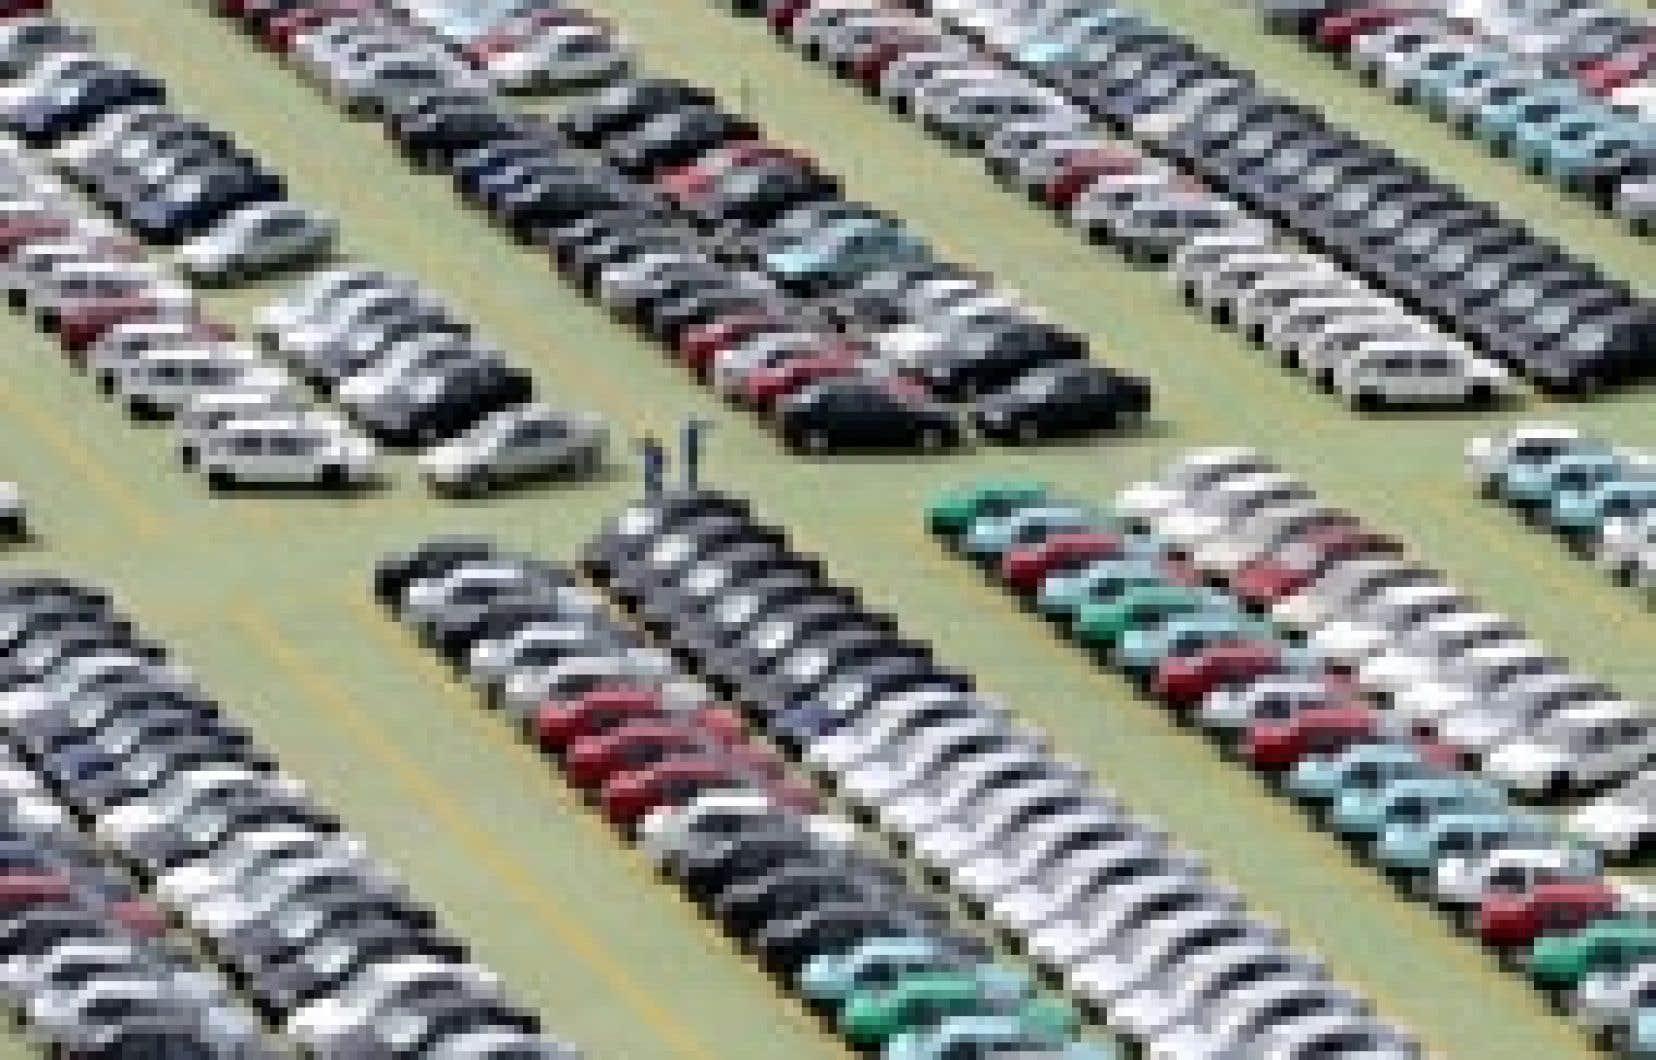 Les ventes totales de Toyota pendant la période de janvier à juin ont été de 99 690 véhicules au Canada, soit une augmentation de 13 % par rapport à celles des six premiers mois de 2005.